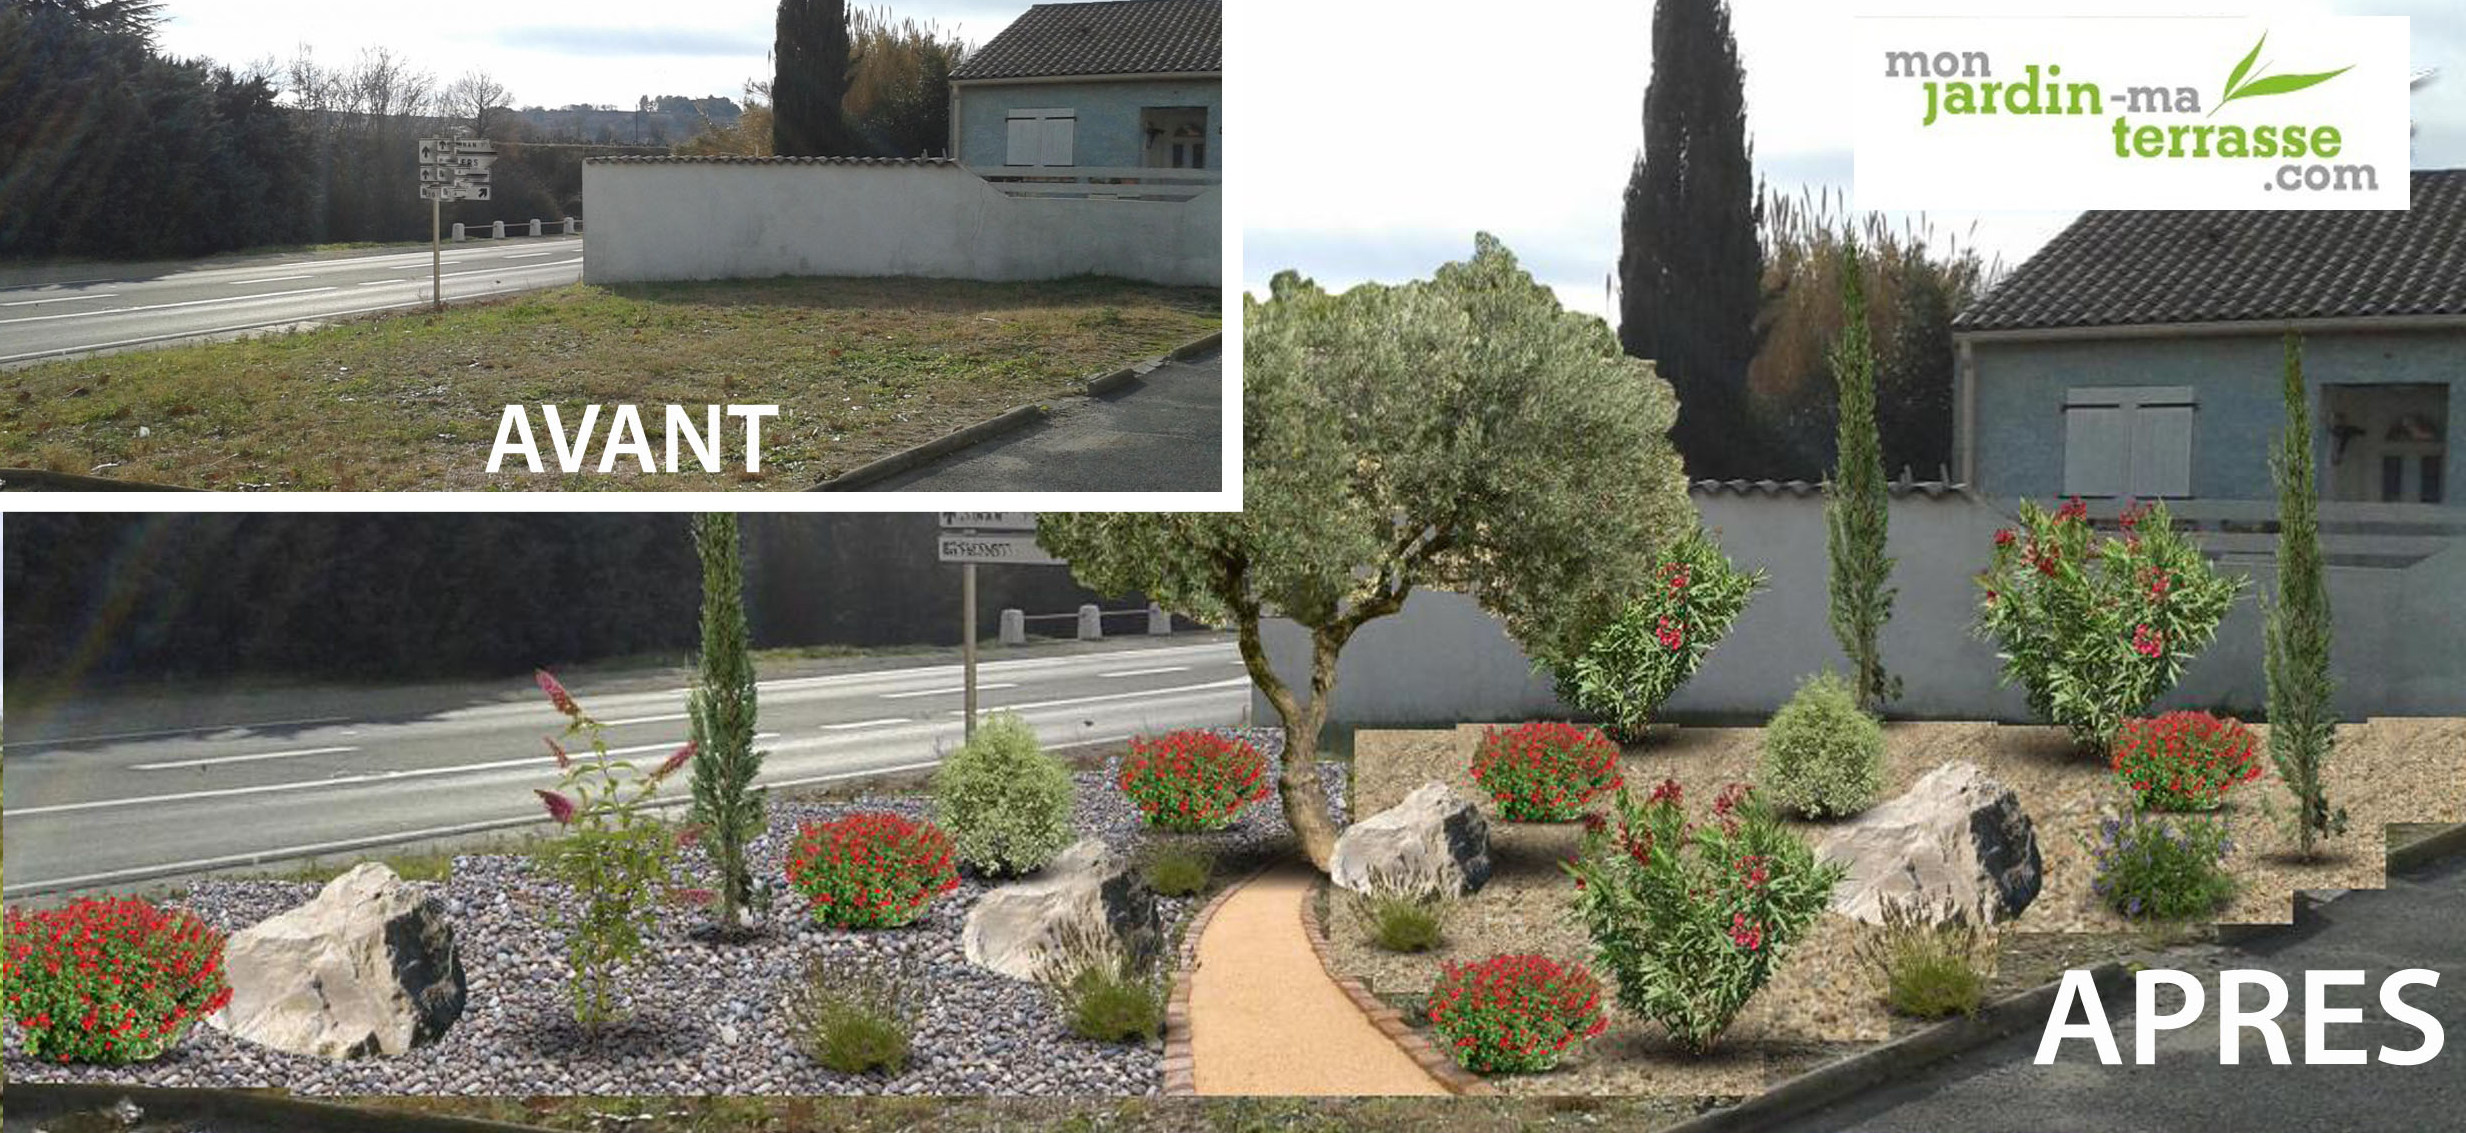 logiciel paysagiste en ligne pour amenagements paysagers